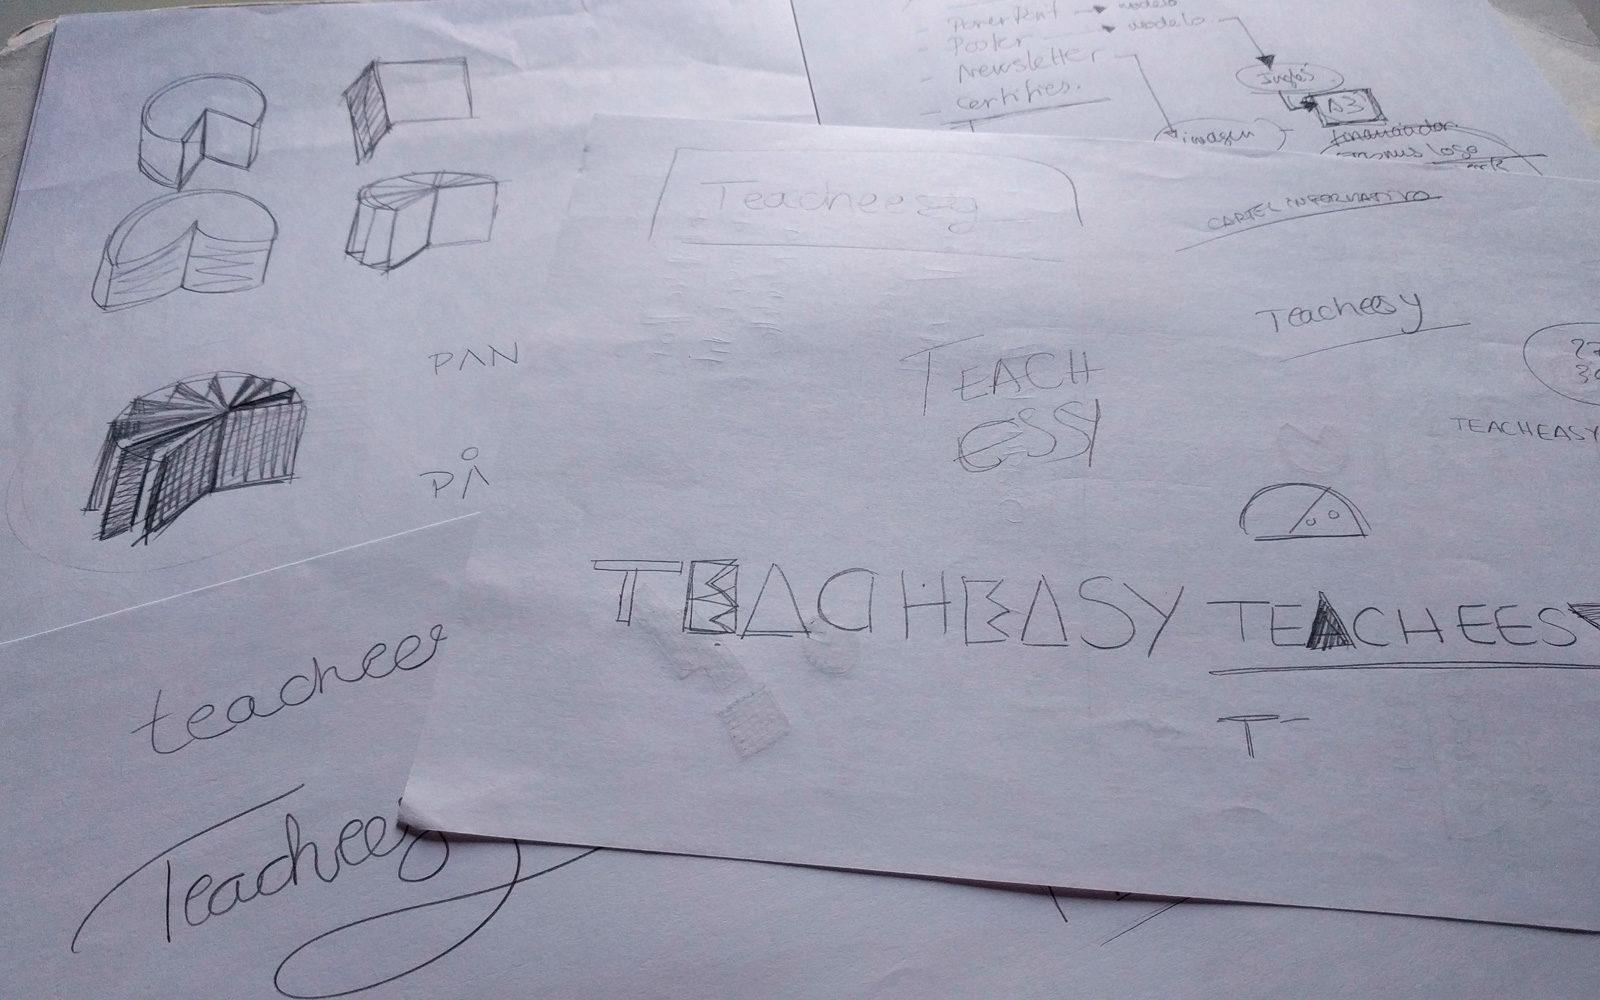 Pruebas y bocetos para marca Teacheesy